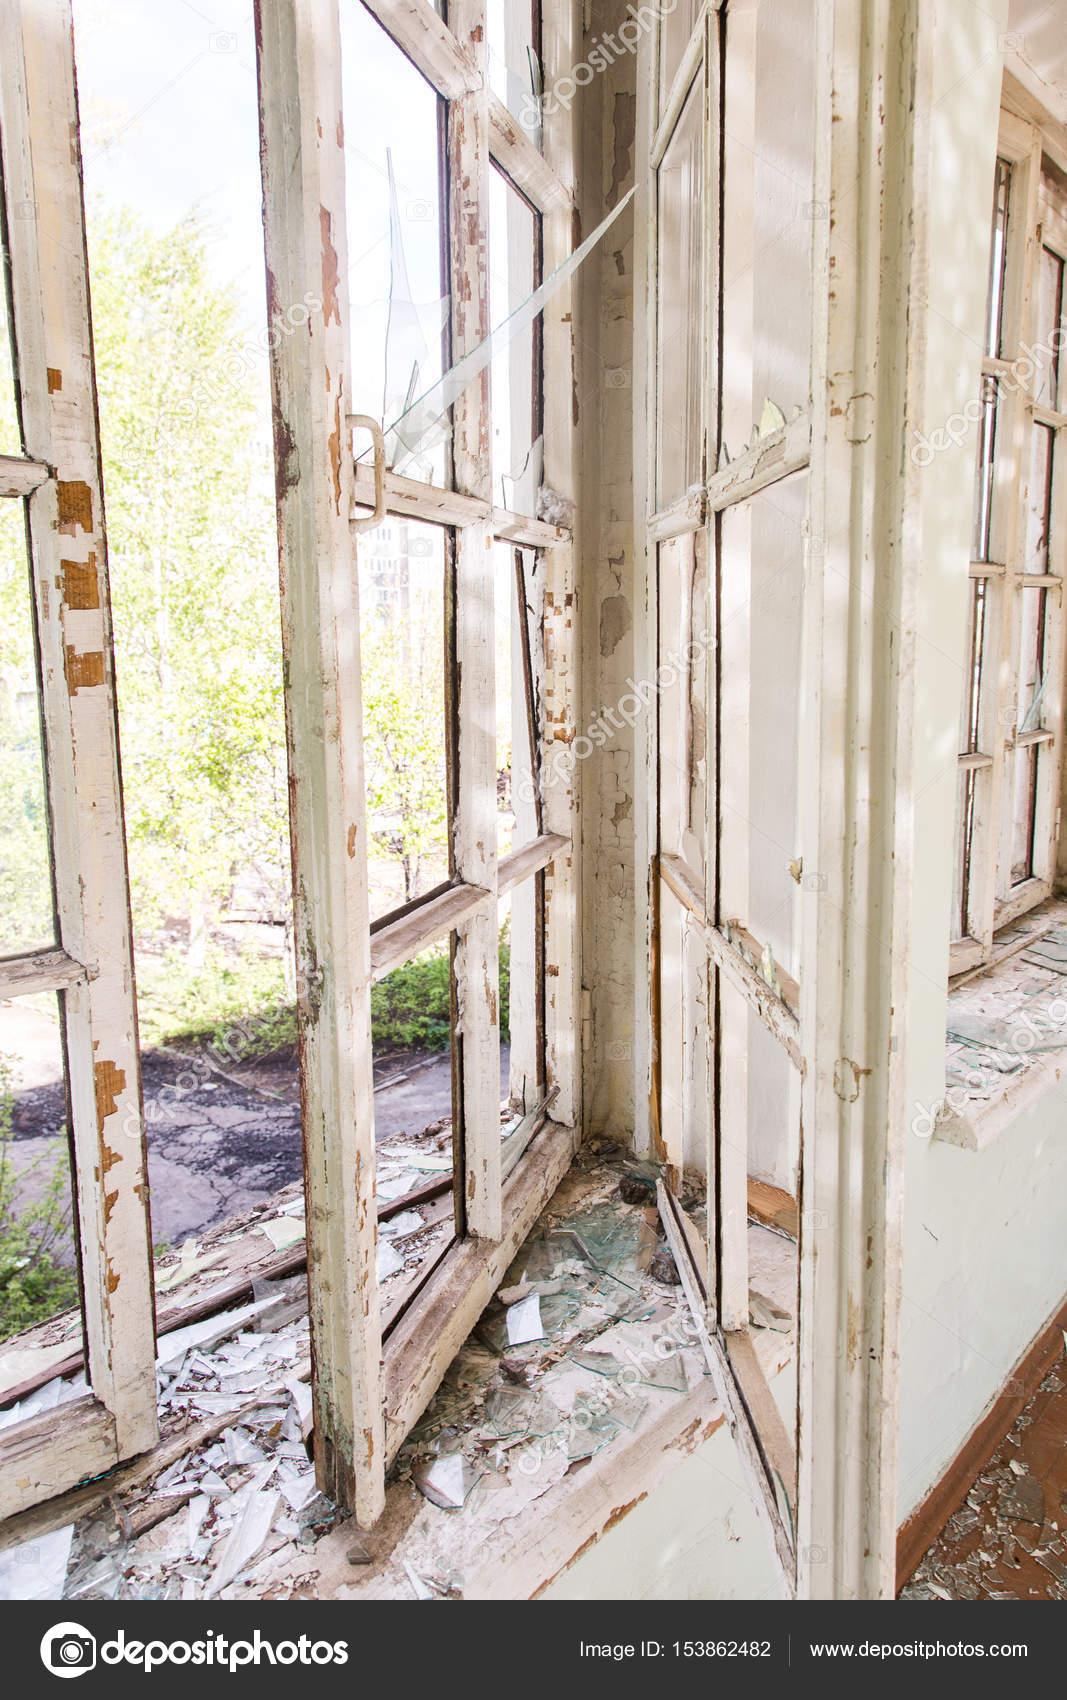 https://st3.depositphotos.com/6343398/15386/i/1600/depositphotos_153862482-stockafbeelding-interieur-van-een-verwoeste-gebouw.jpg